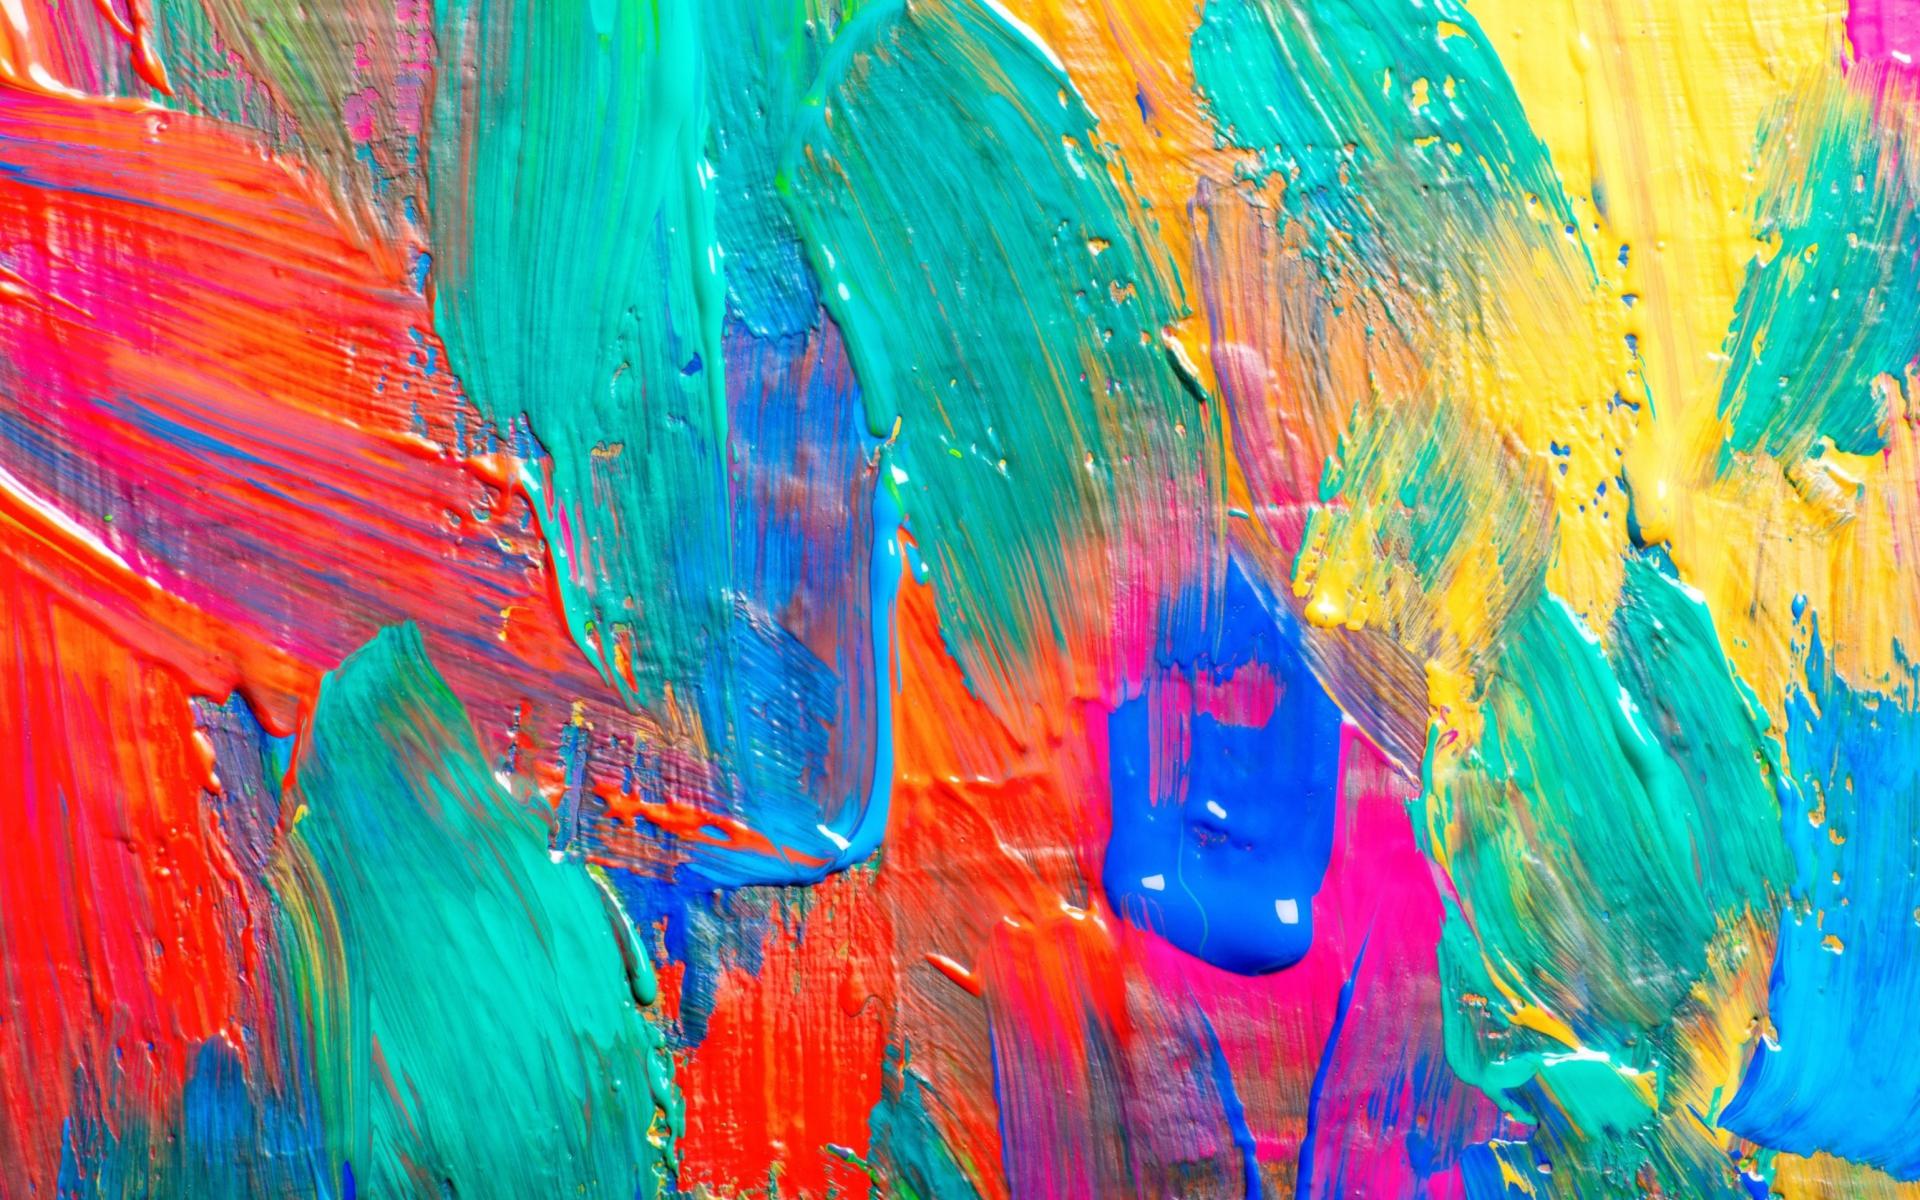 Acrylic paint fondos de pantalla gratis para widescreen for Fondos de pantalla full hd colores